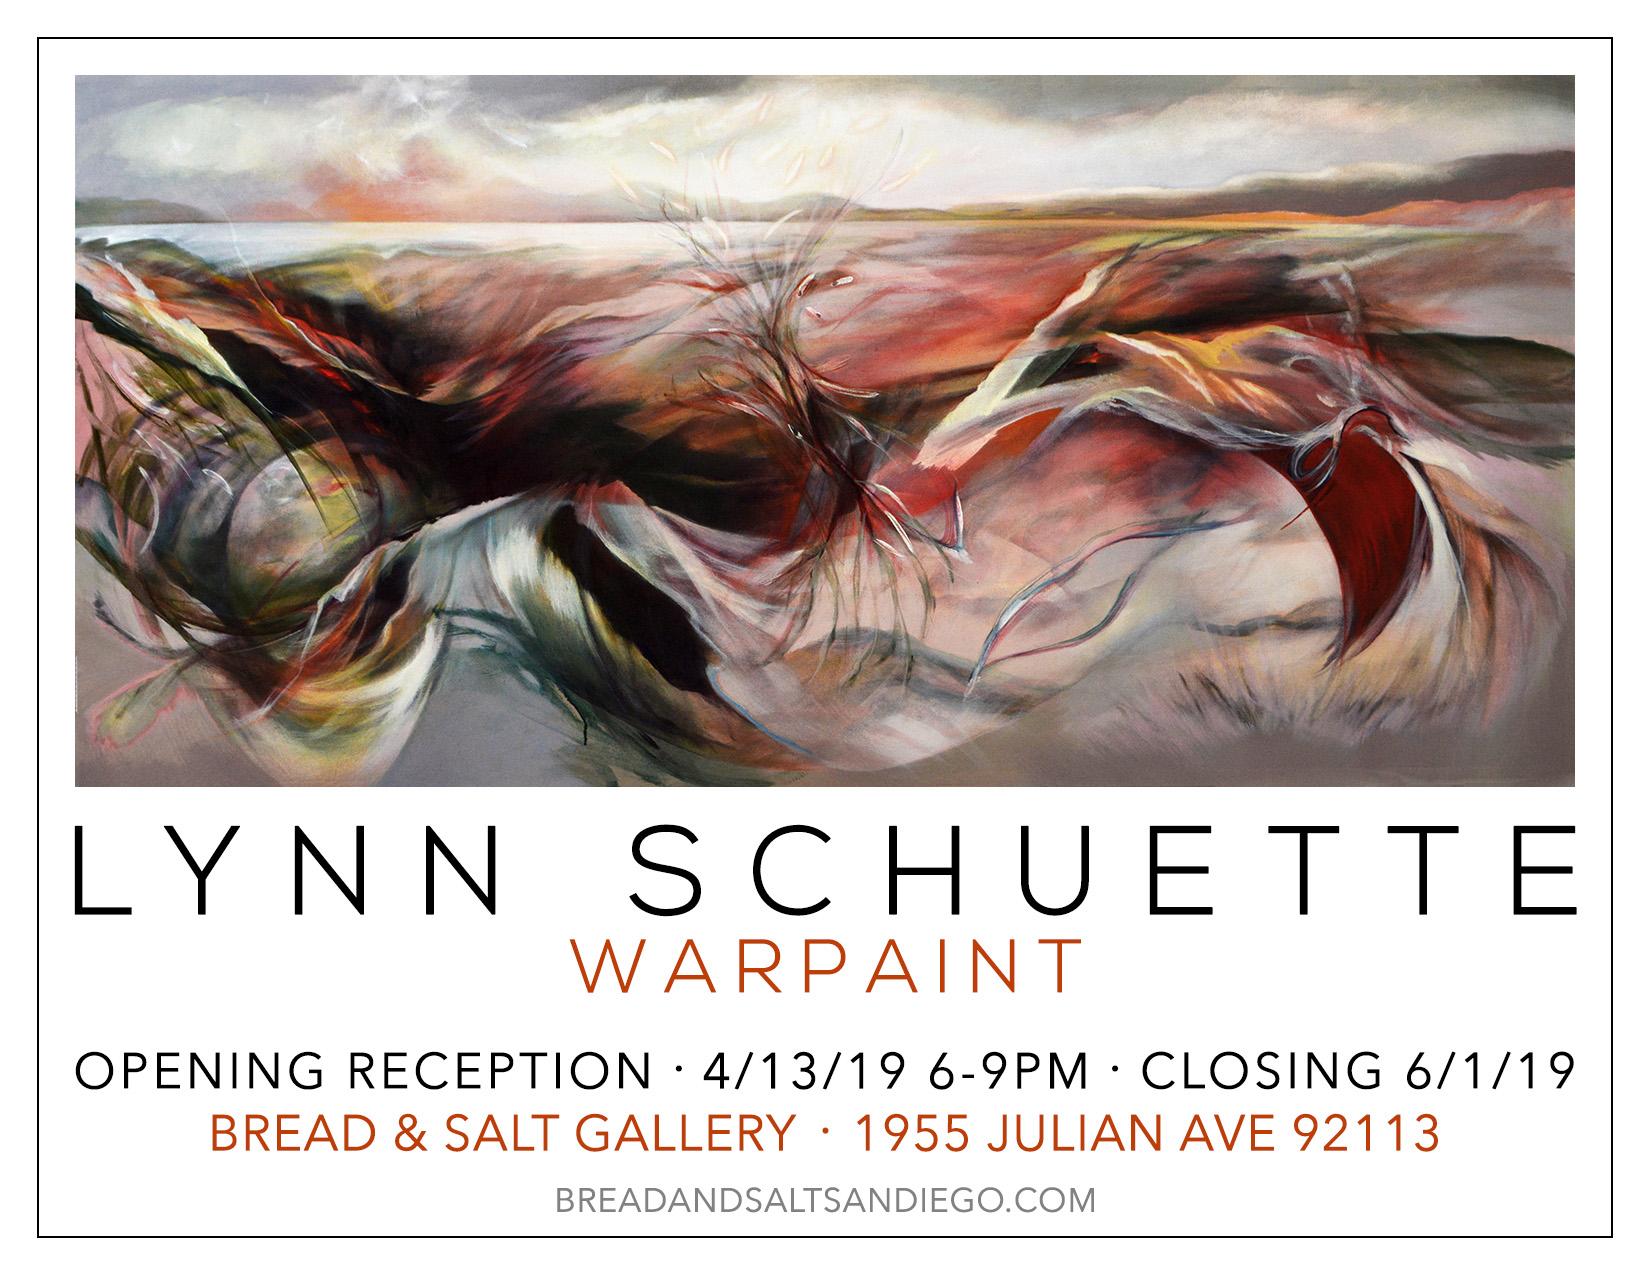 Lynn Schuette